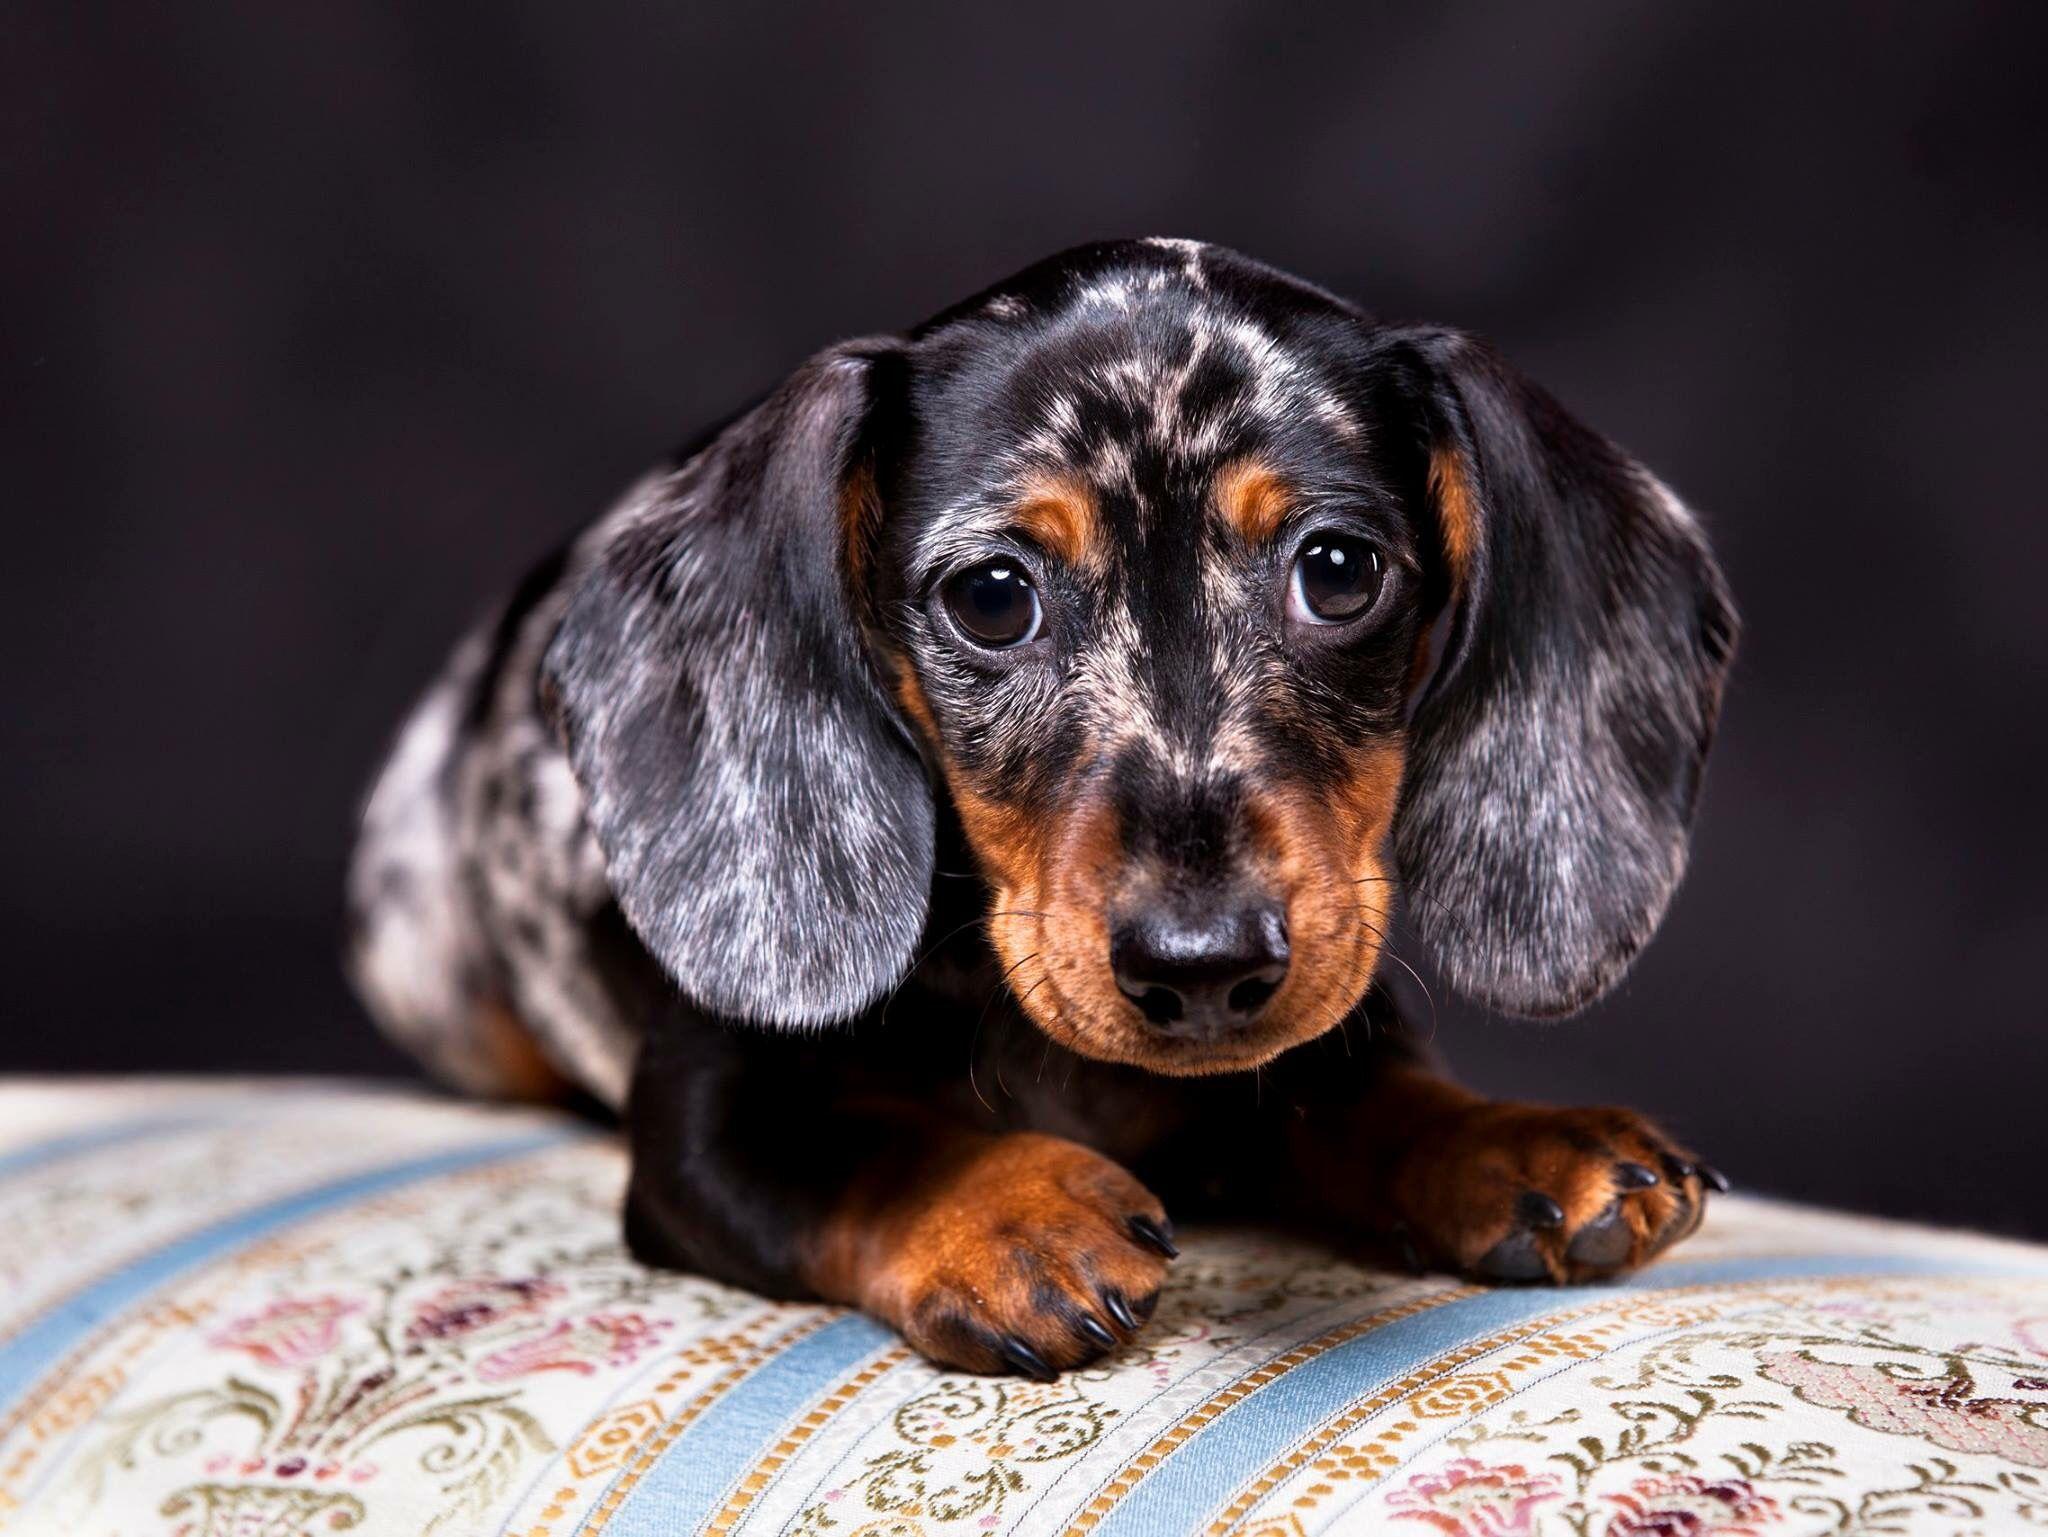 Dapple Dachshund Pup Dog Breeds Dachshund Puppies For Sale